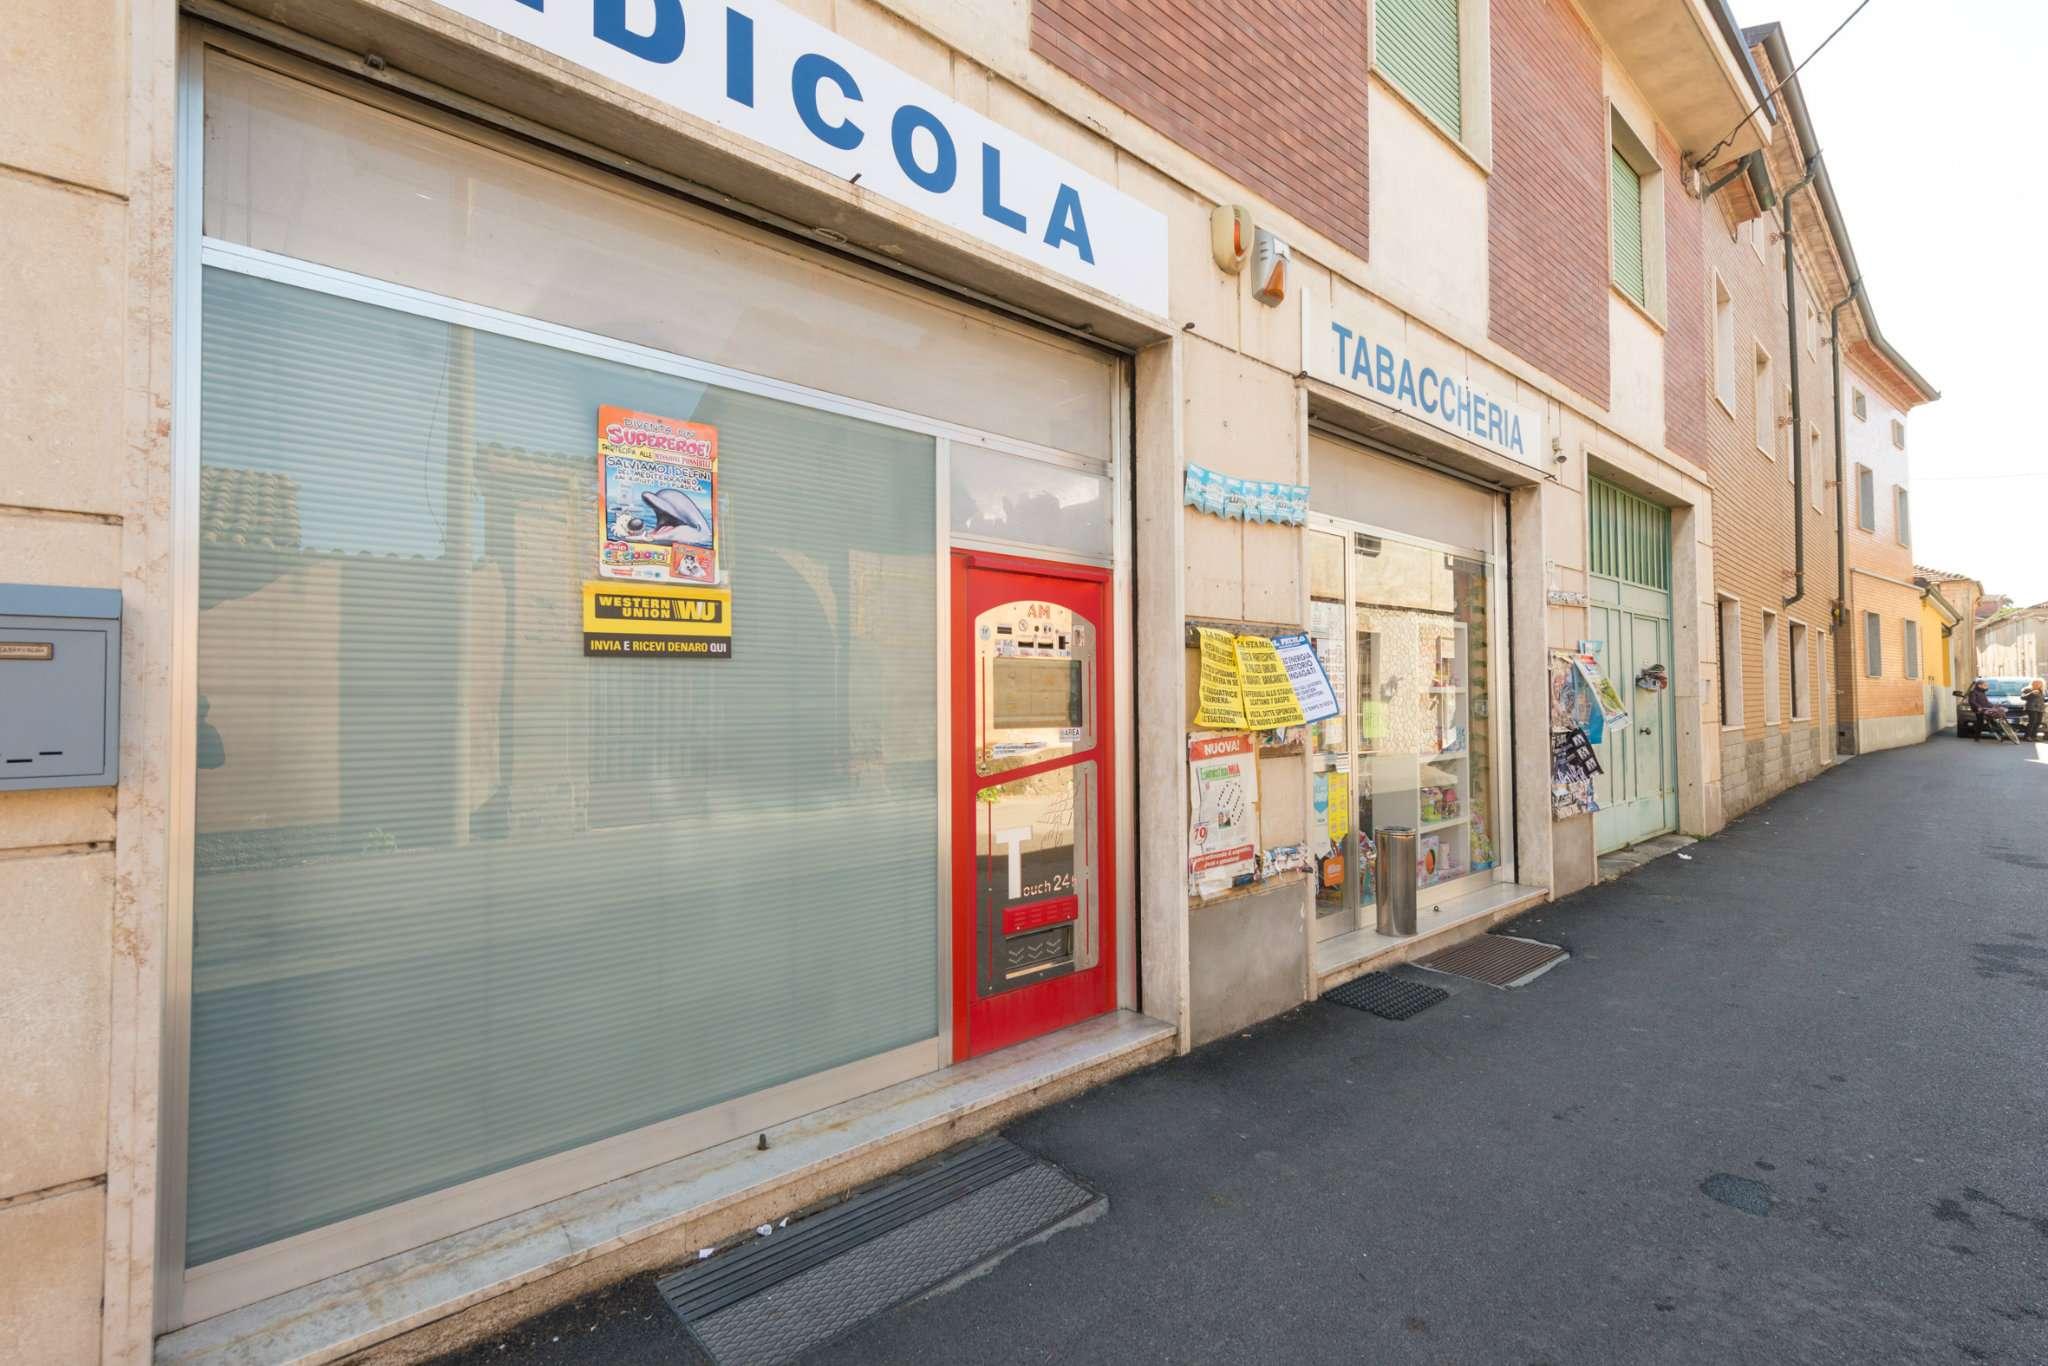 Attività / Licenza in vendita a Frugarolo, 2 locali, prezzo € 160.000 | CambioCasa.it